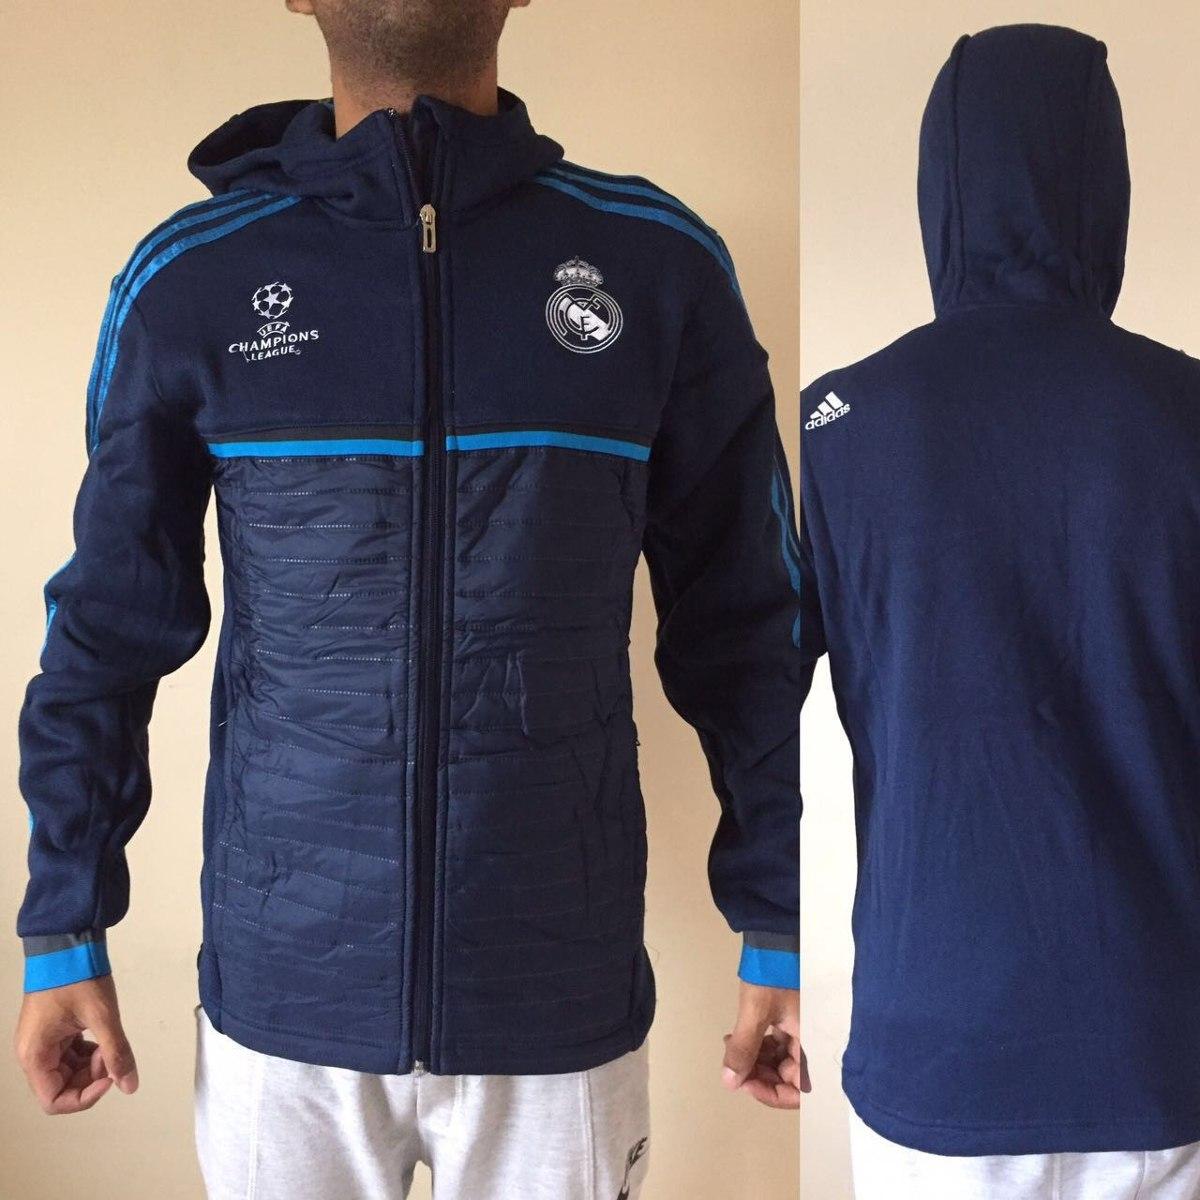 Campera de abrigo real madrid champions league oferta cargando zoom jpg  1200x1200 Abrigos del real madrid 30173e8b65a23